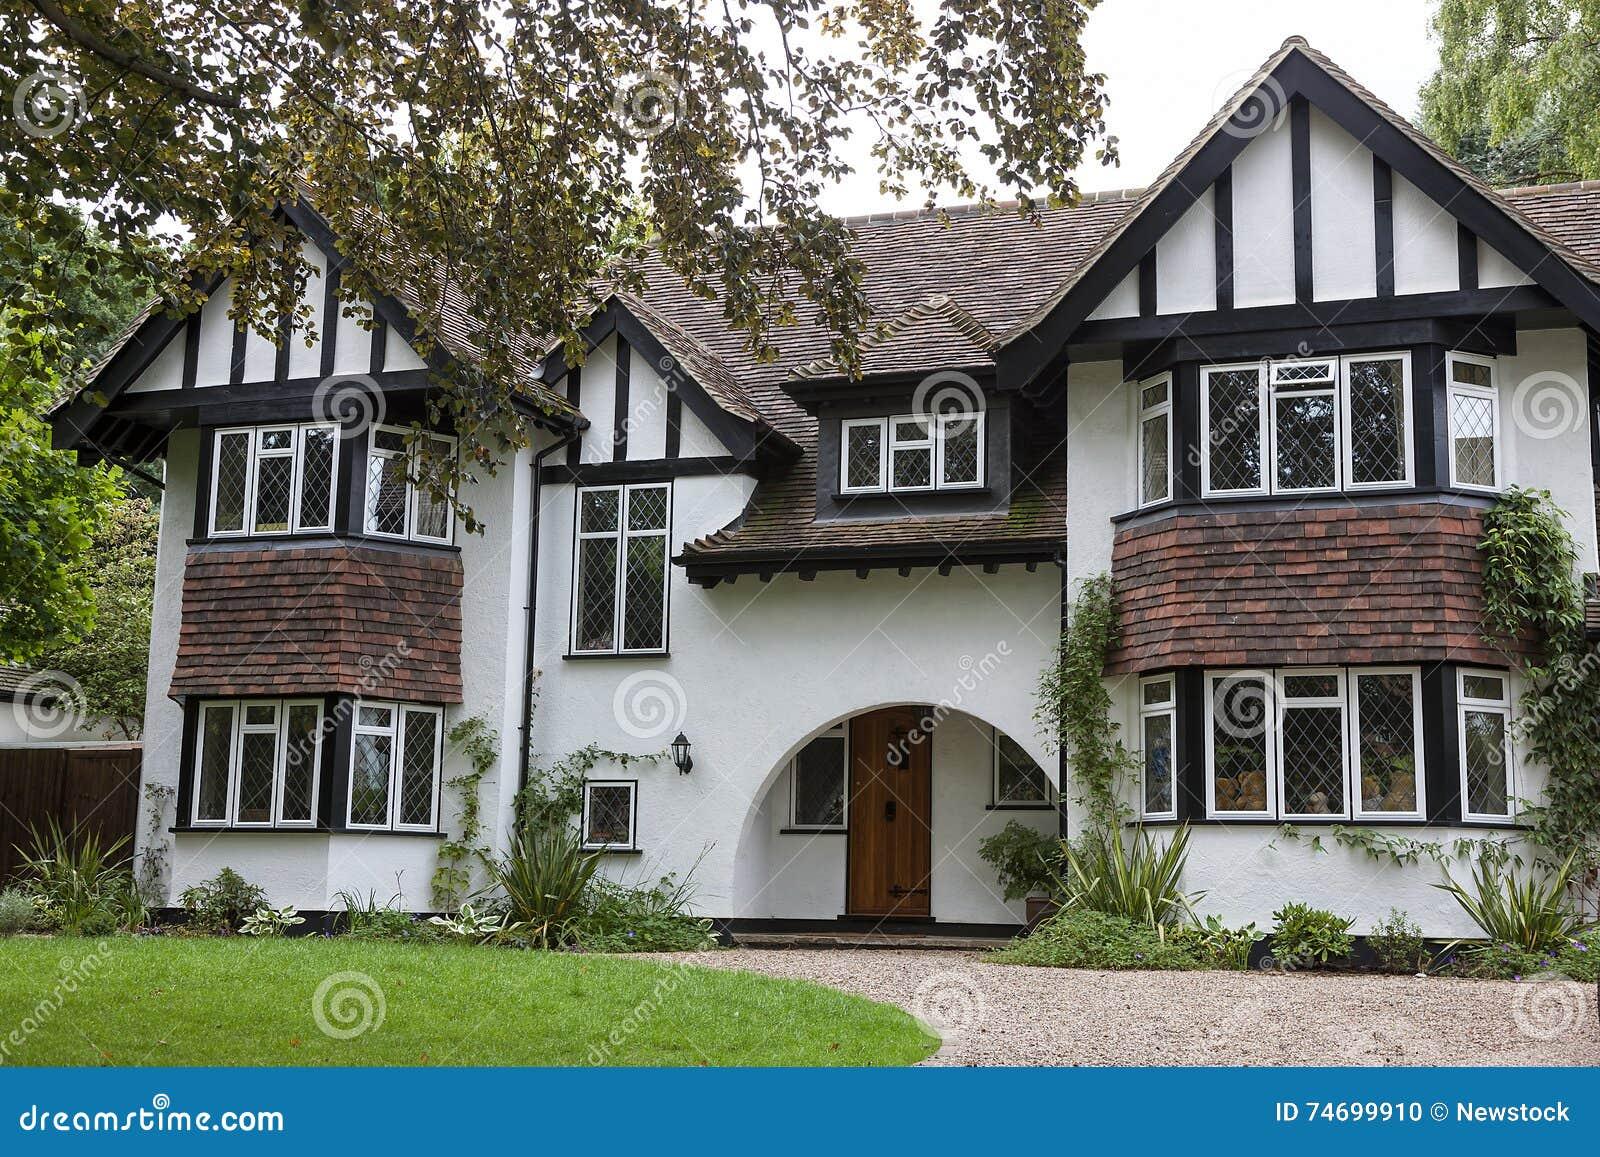 Maison anglaise trendy librairie la maison anglaise for Libraire maison